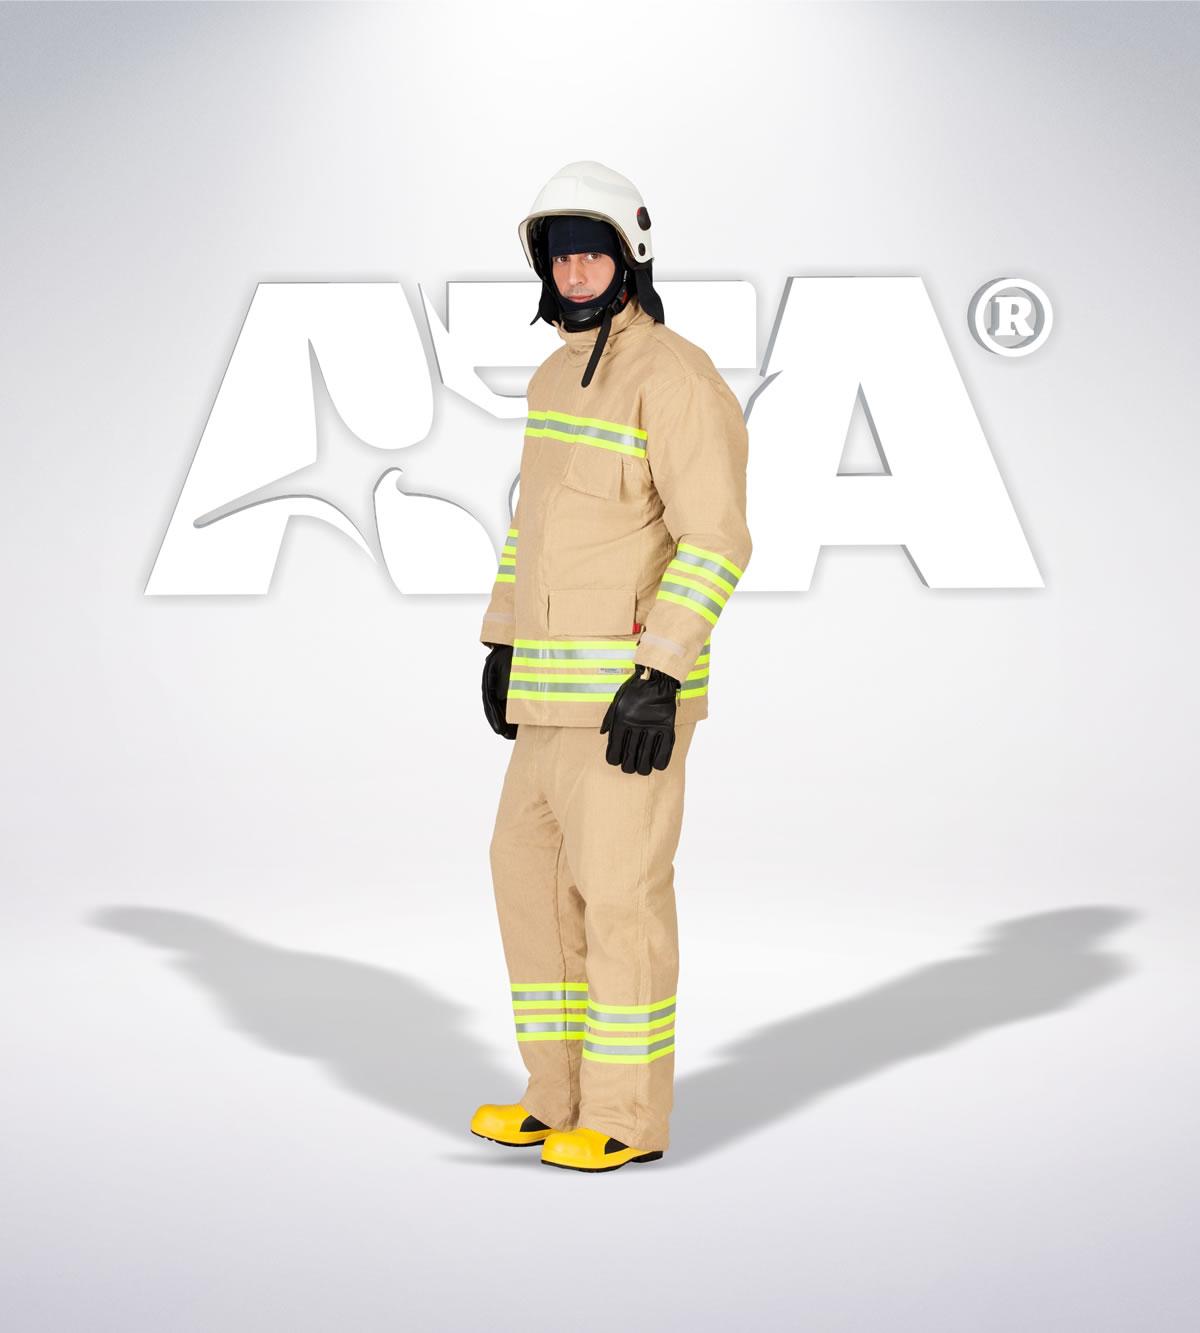 ATA 313 - Yangın söndürme takımı (uygulama kıyafeti yanmaz kıyafet) - itfaiye elbiseleri | itfaiye üniformaları | itfaiye kıyafetleri